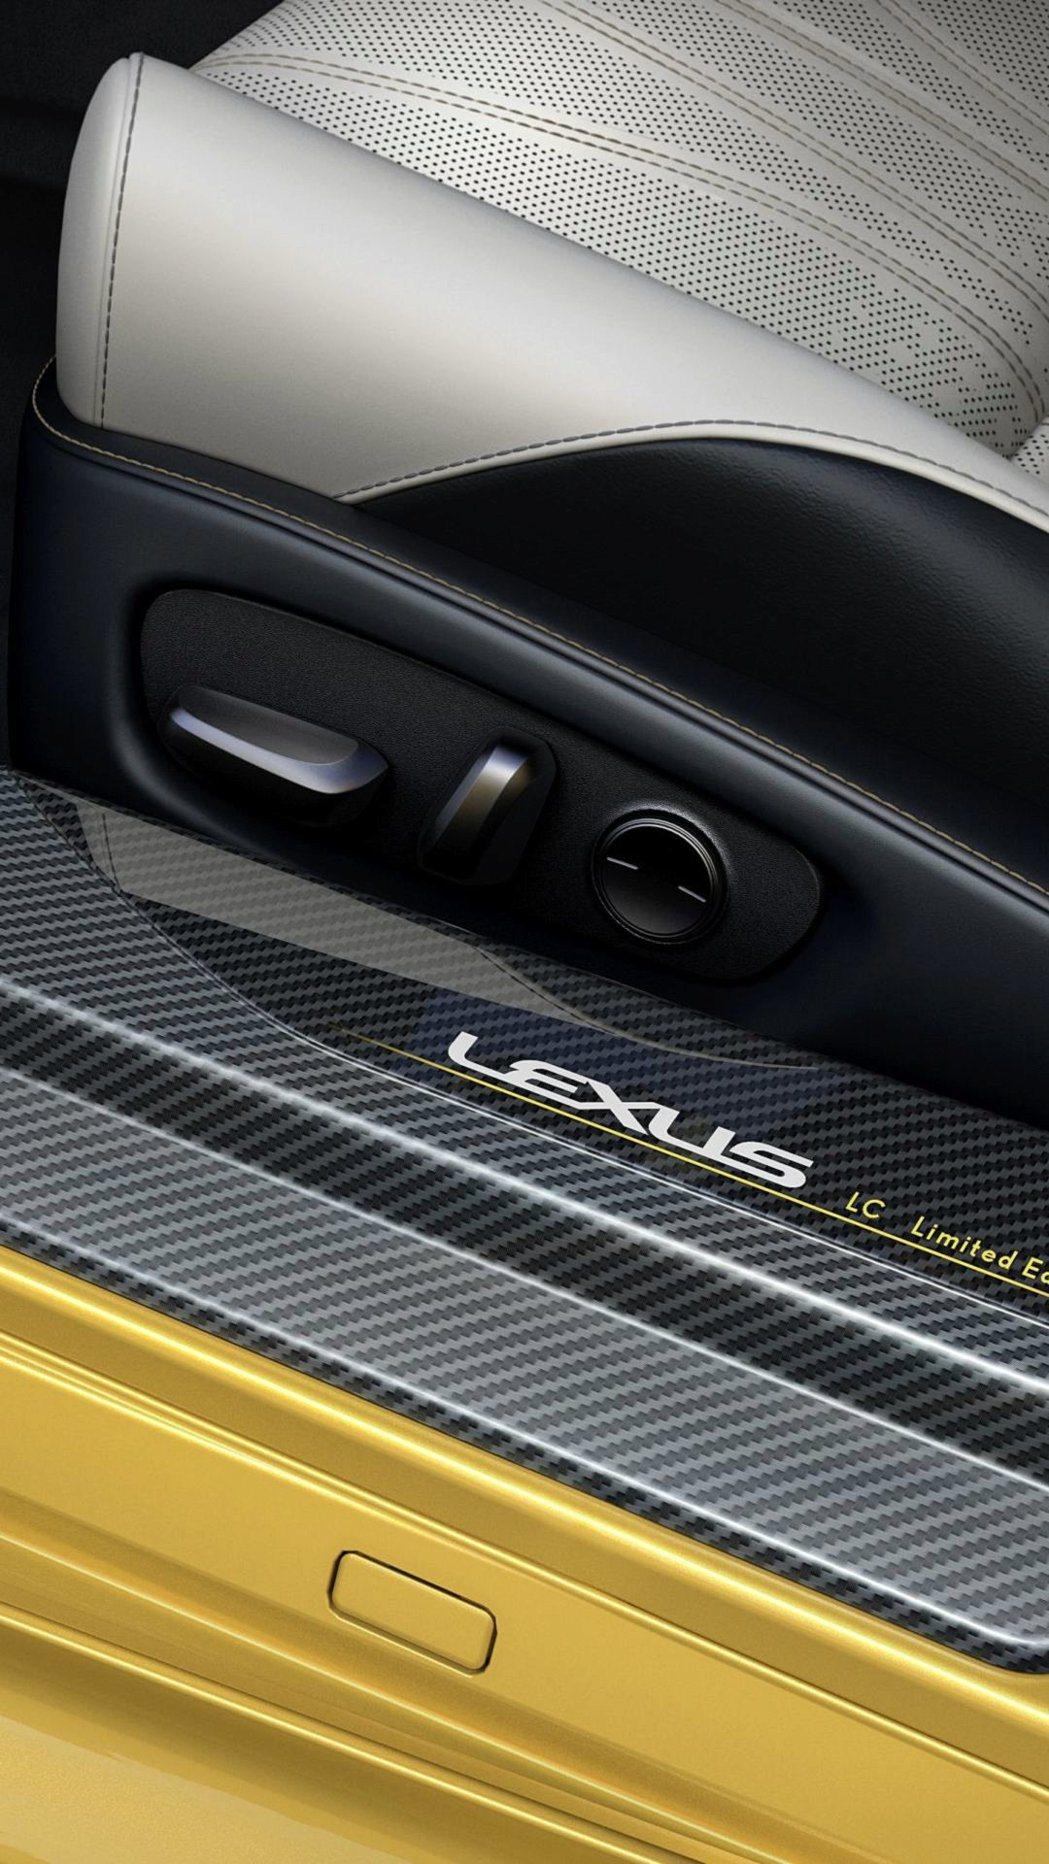 Lexus LC Yellow Eition車門門檻採用碳纖維材質。 摘自Lexus